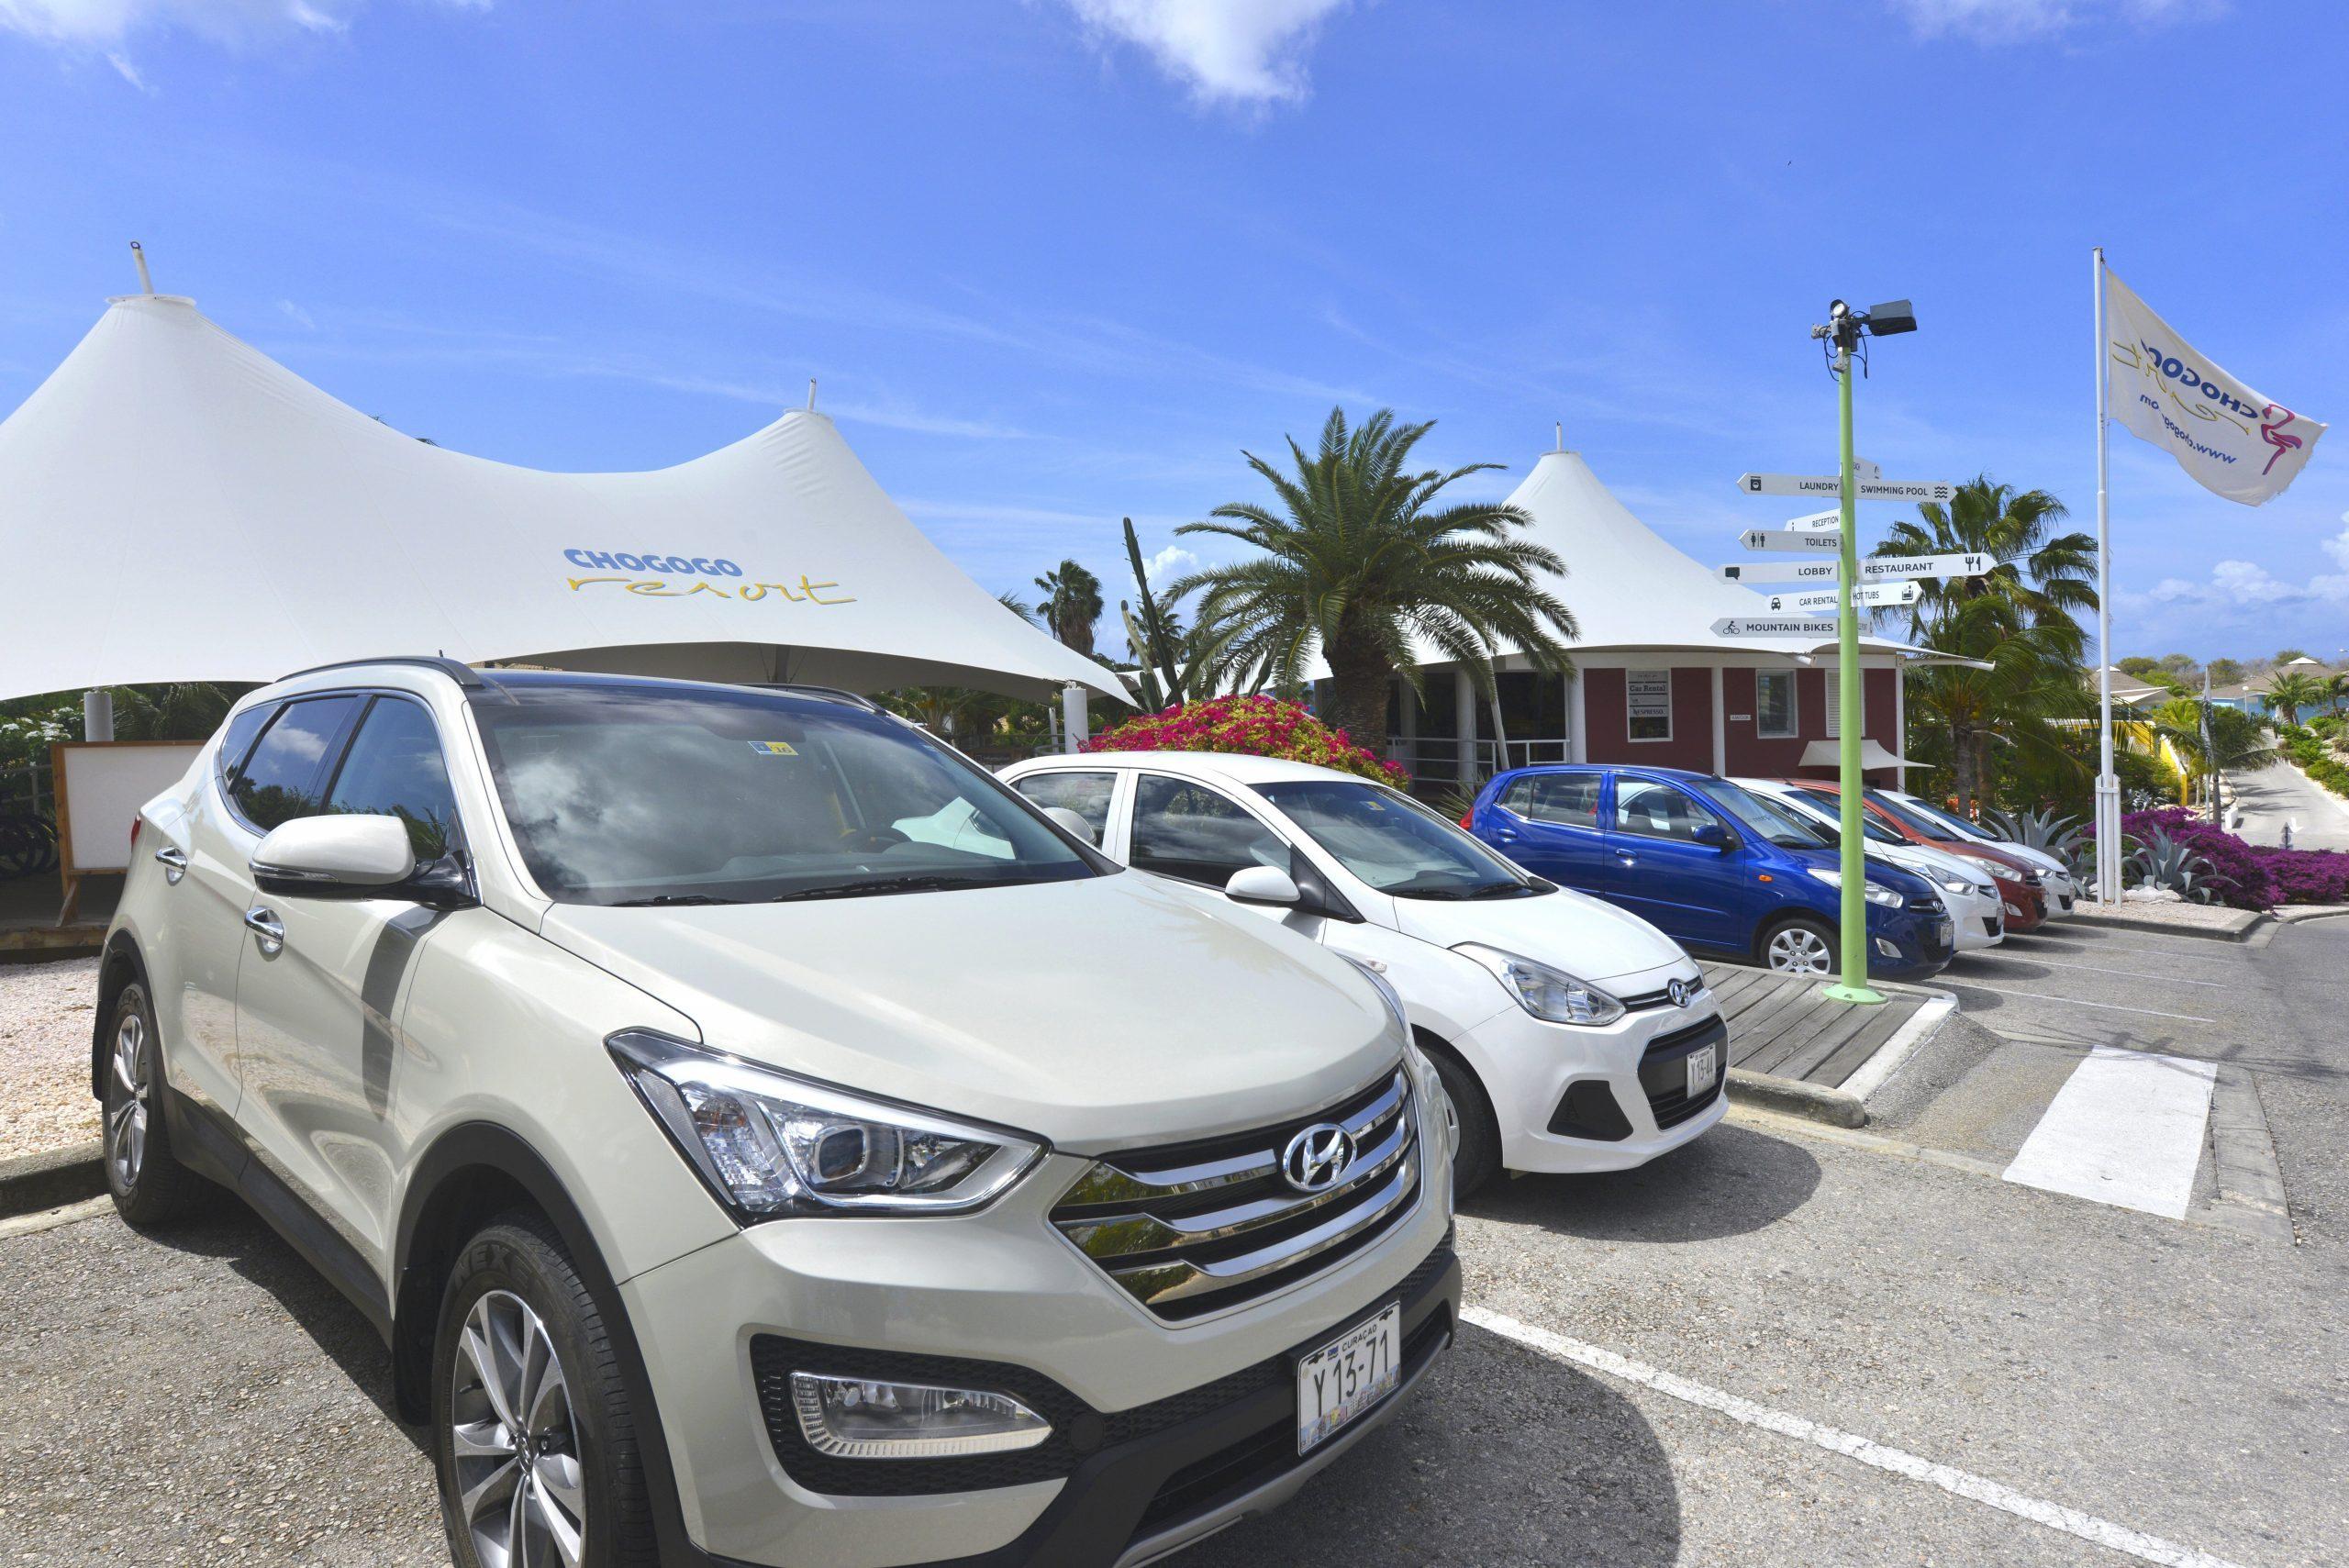 Chogogo autoverhuur service, met verschillende soorten auto's.